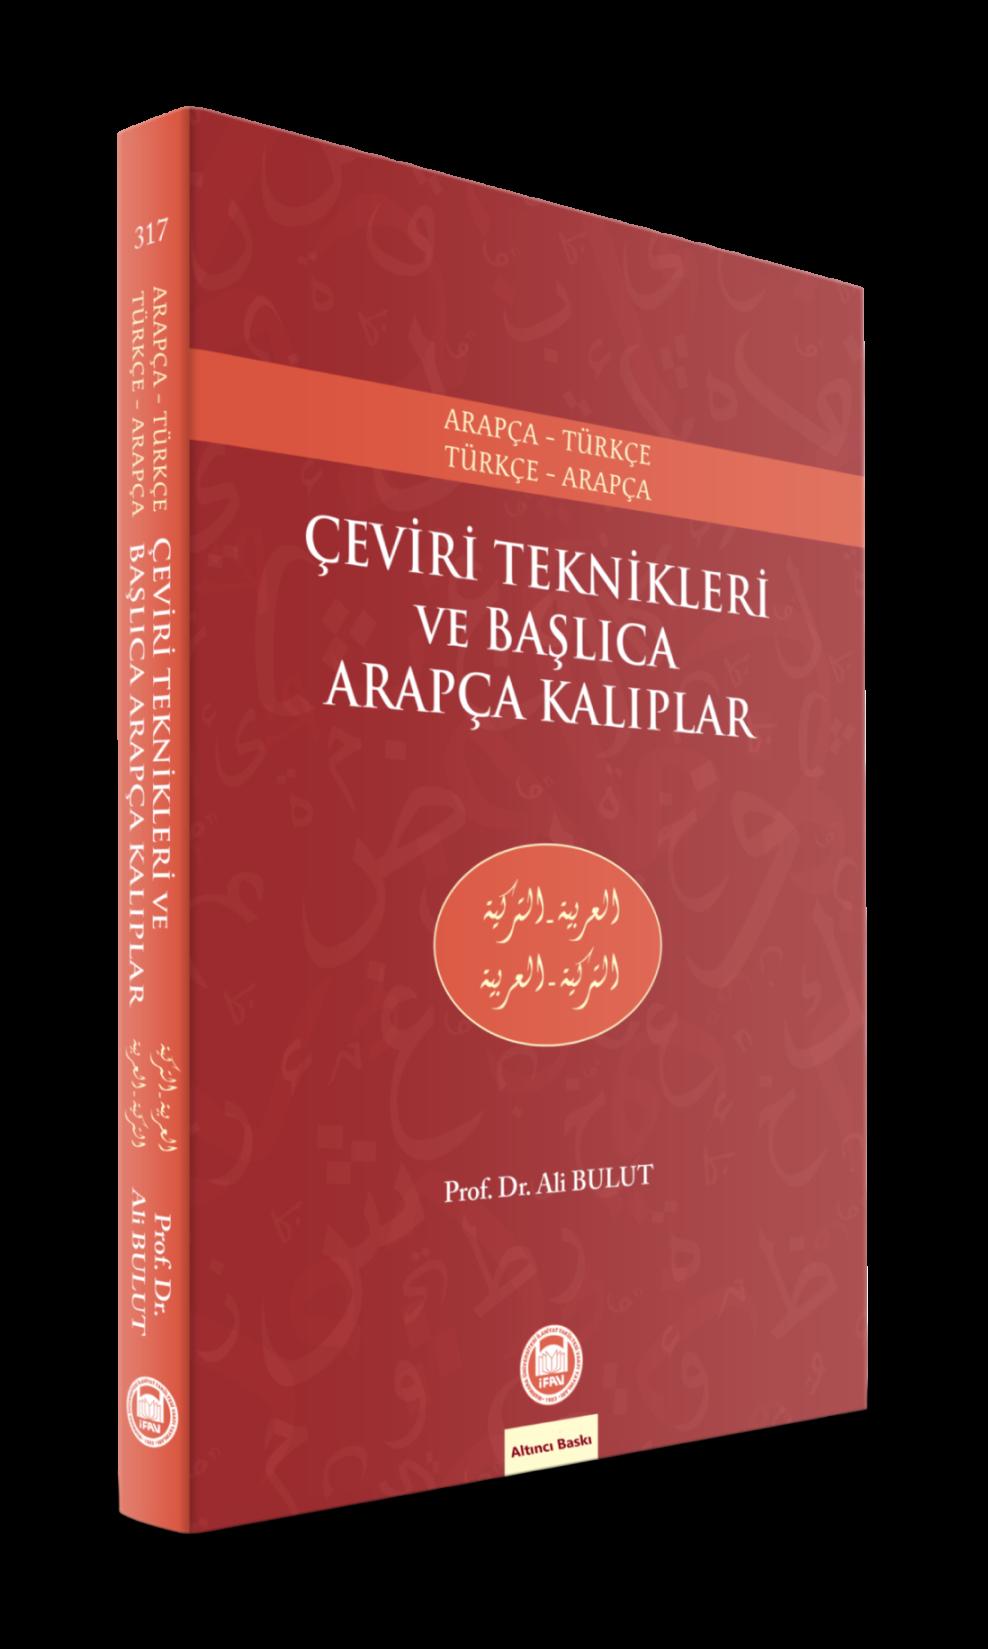 Çeviri Teknikleri ve Başlıca Arapça Kalıplar; Arapça-Türkçe, Türkçe-Arapça